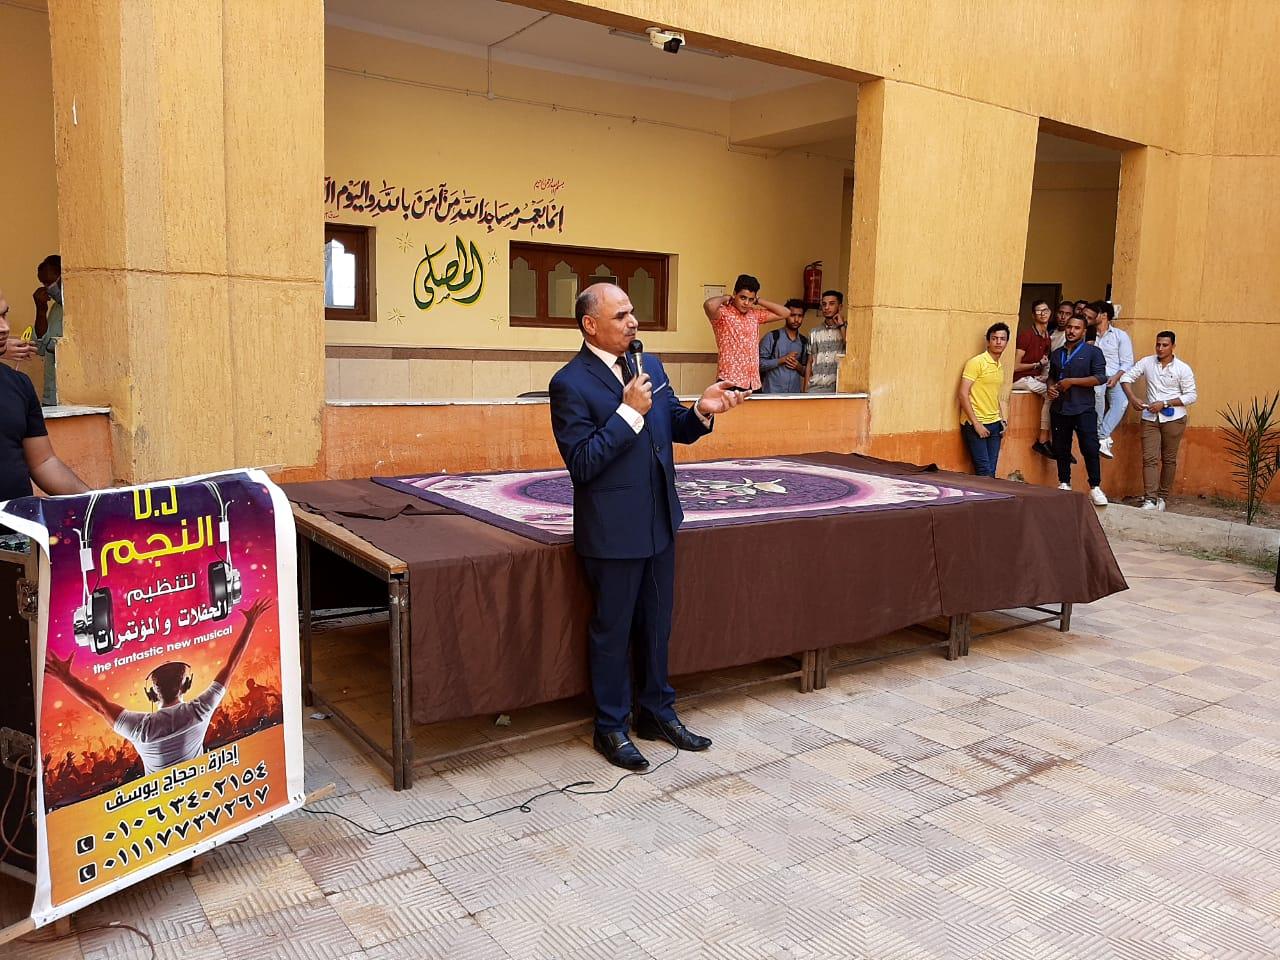 رئيس جامعة الأقصر يشهد حفل إستقبال الطلاب الجدد بكلية الآثار (4)